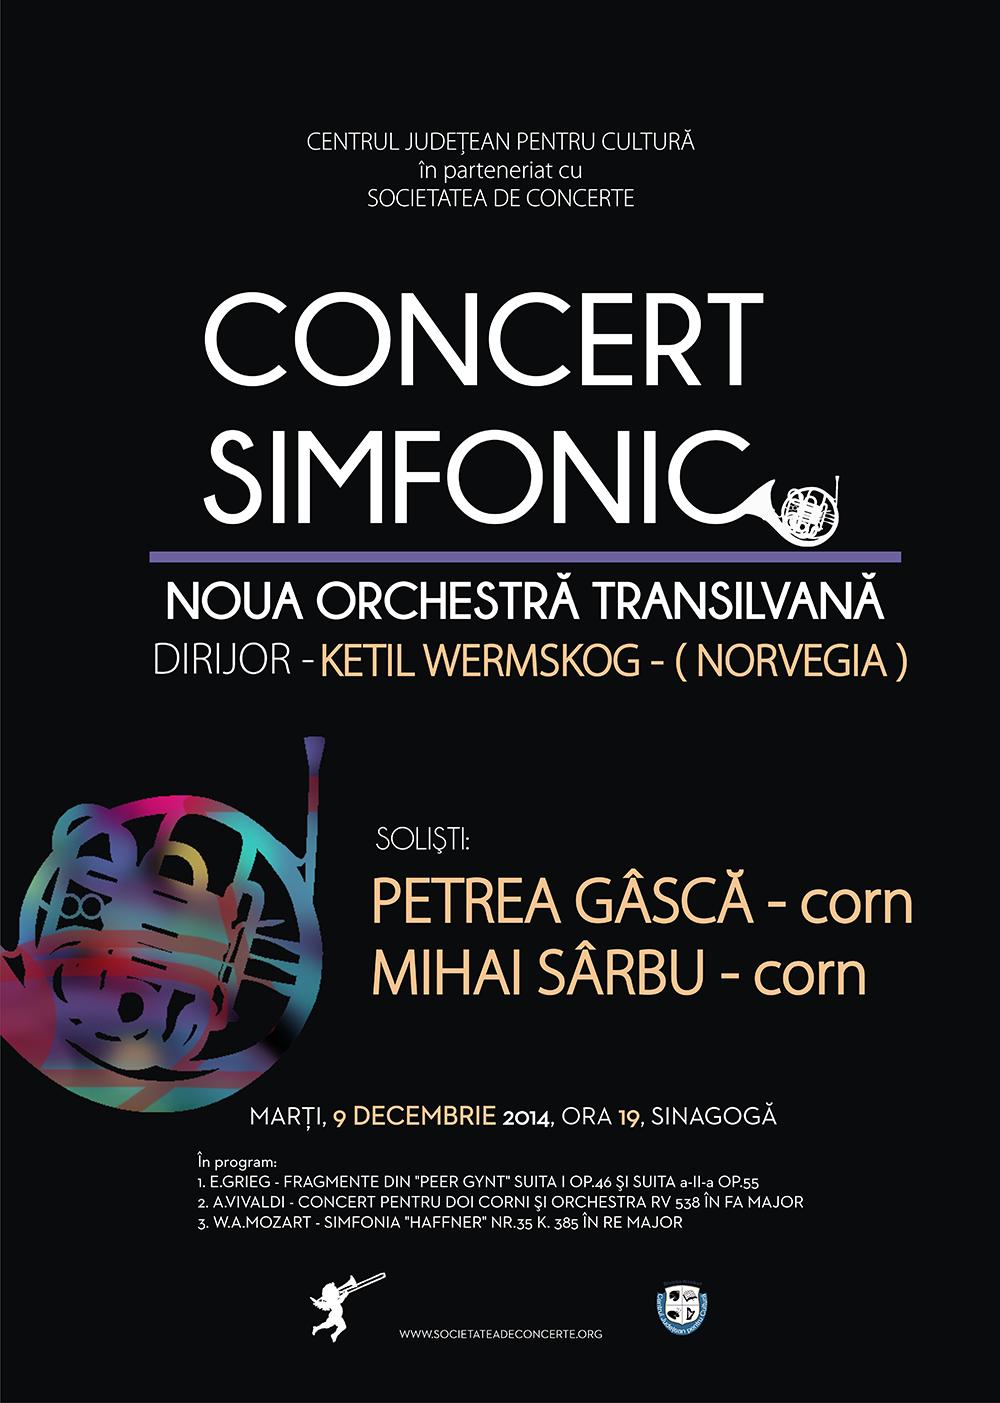 afis-concert-simfonic-9-decembrie-2014